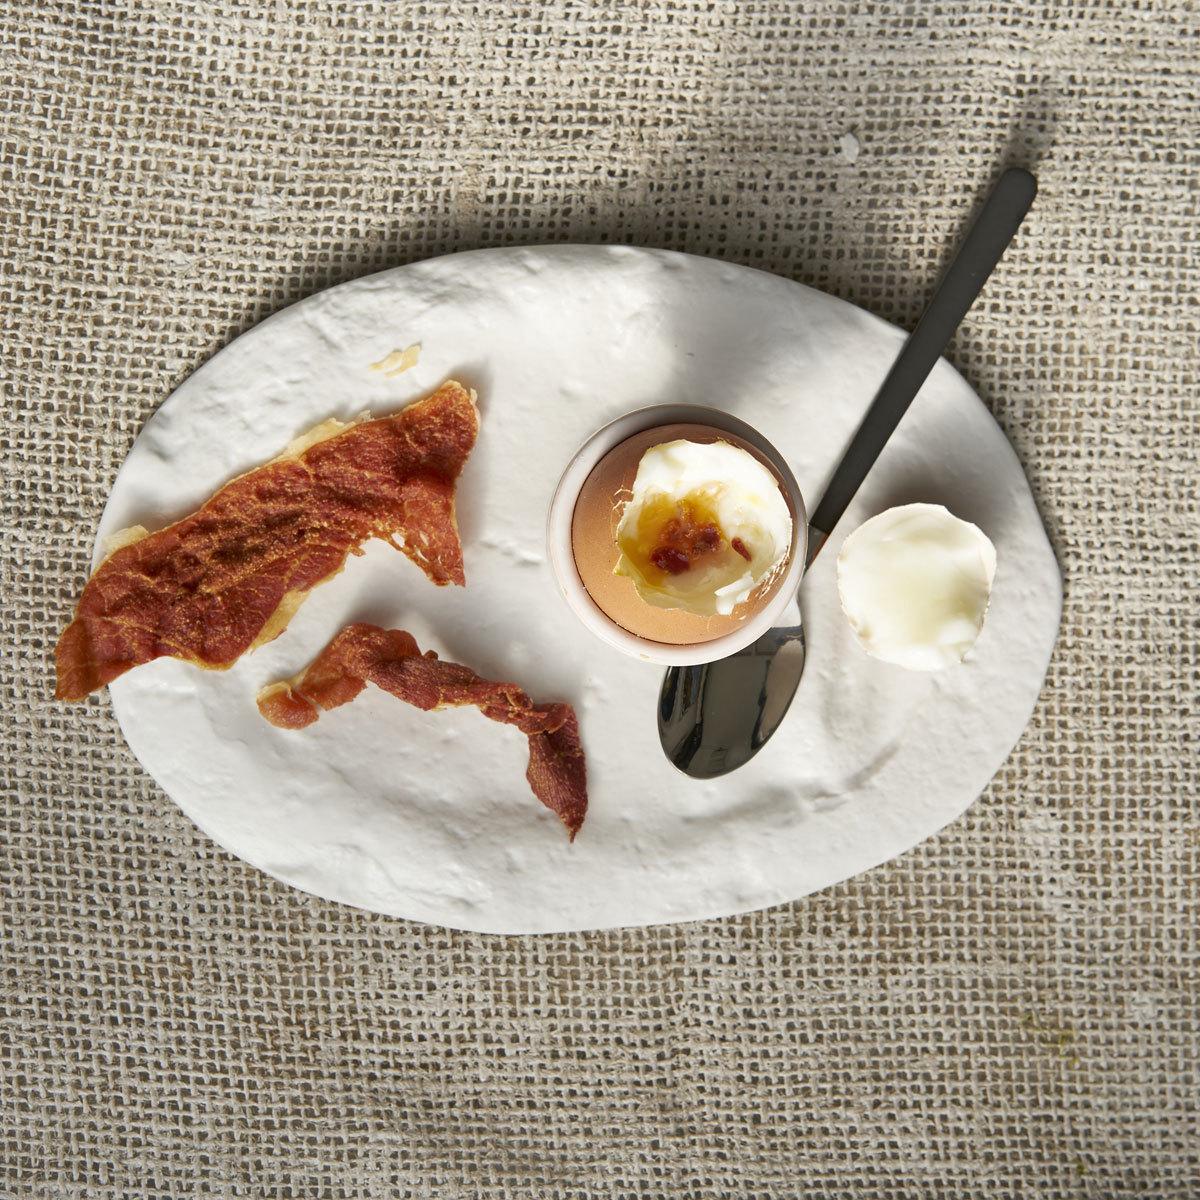 La versión TELVA de los huevos pasados por agua con sal y jamón.